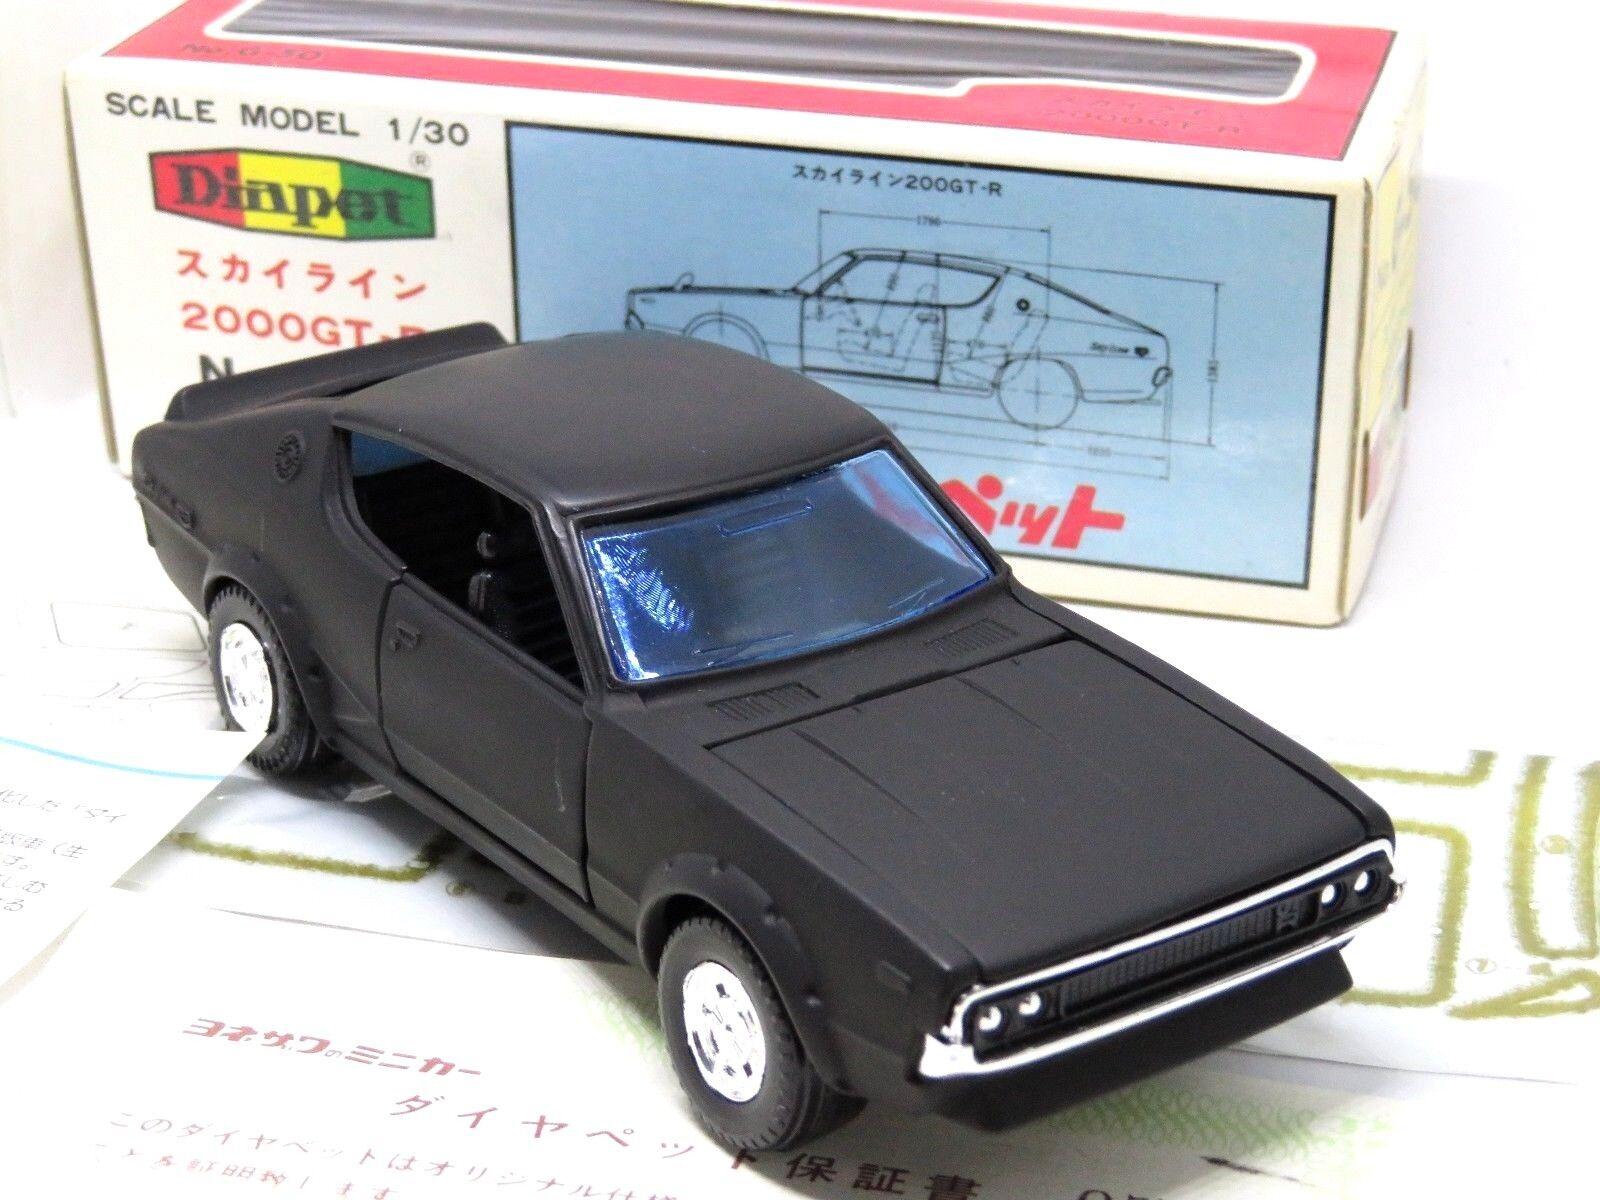 autorización oficial Yonezawa DIAPET Nissan 2000GT-R All All All negro, G50 modelo muy raro, Caja papeleo.  hasta 60% de descuento